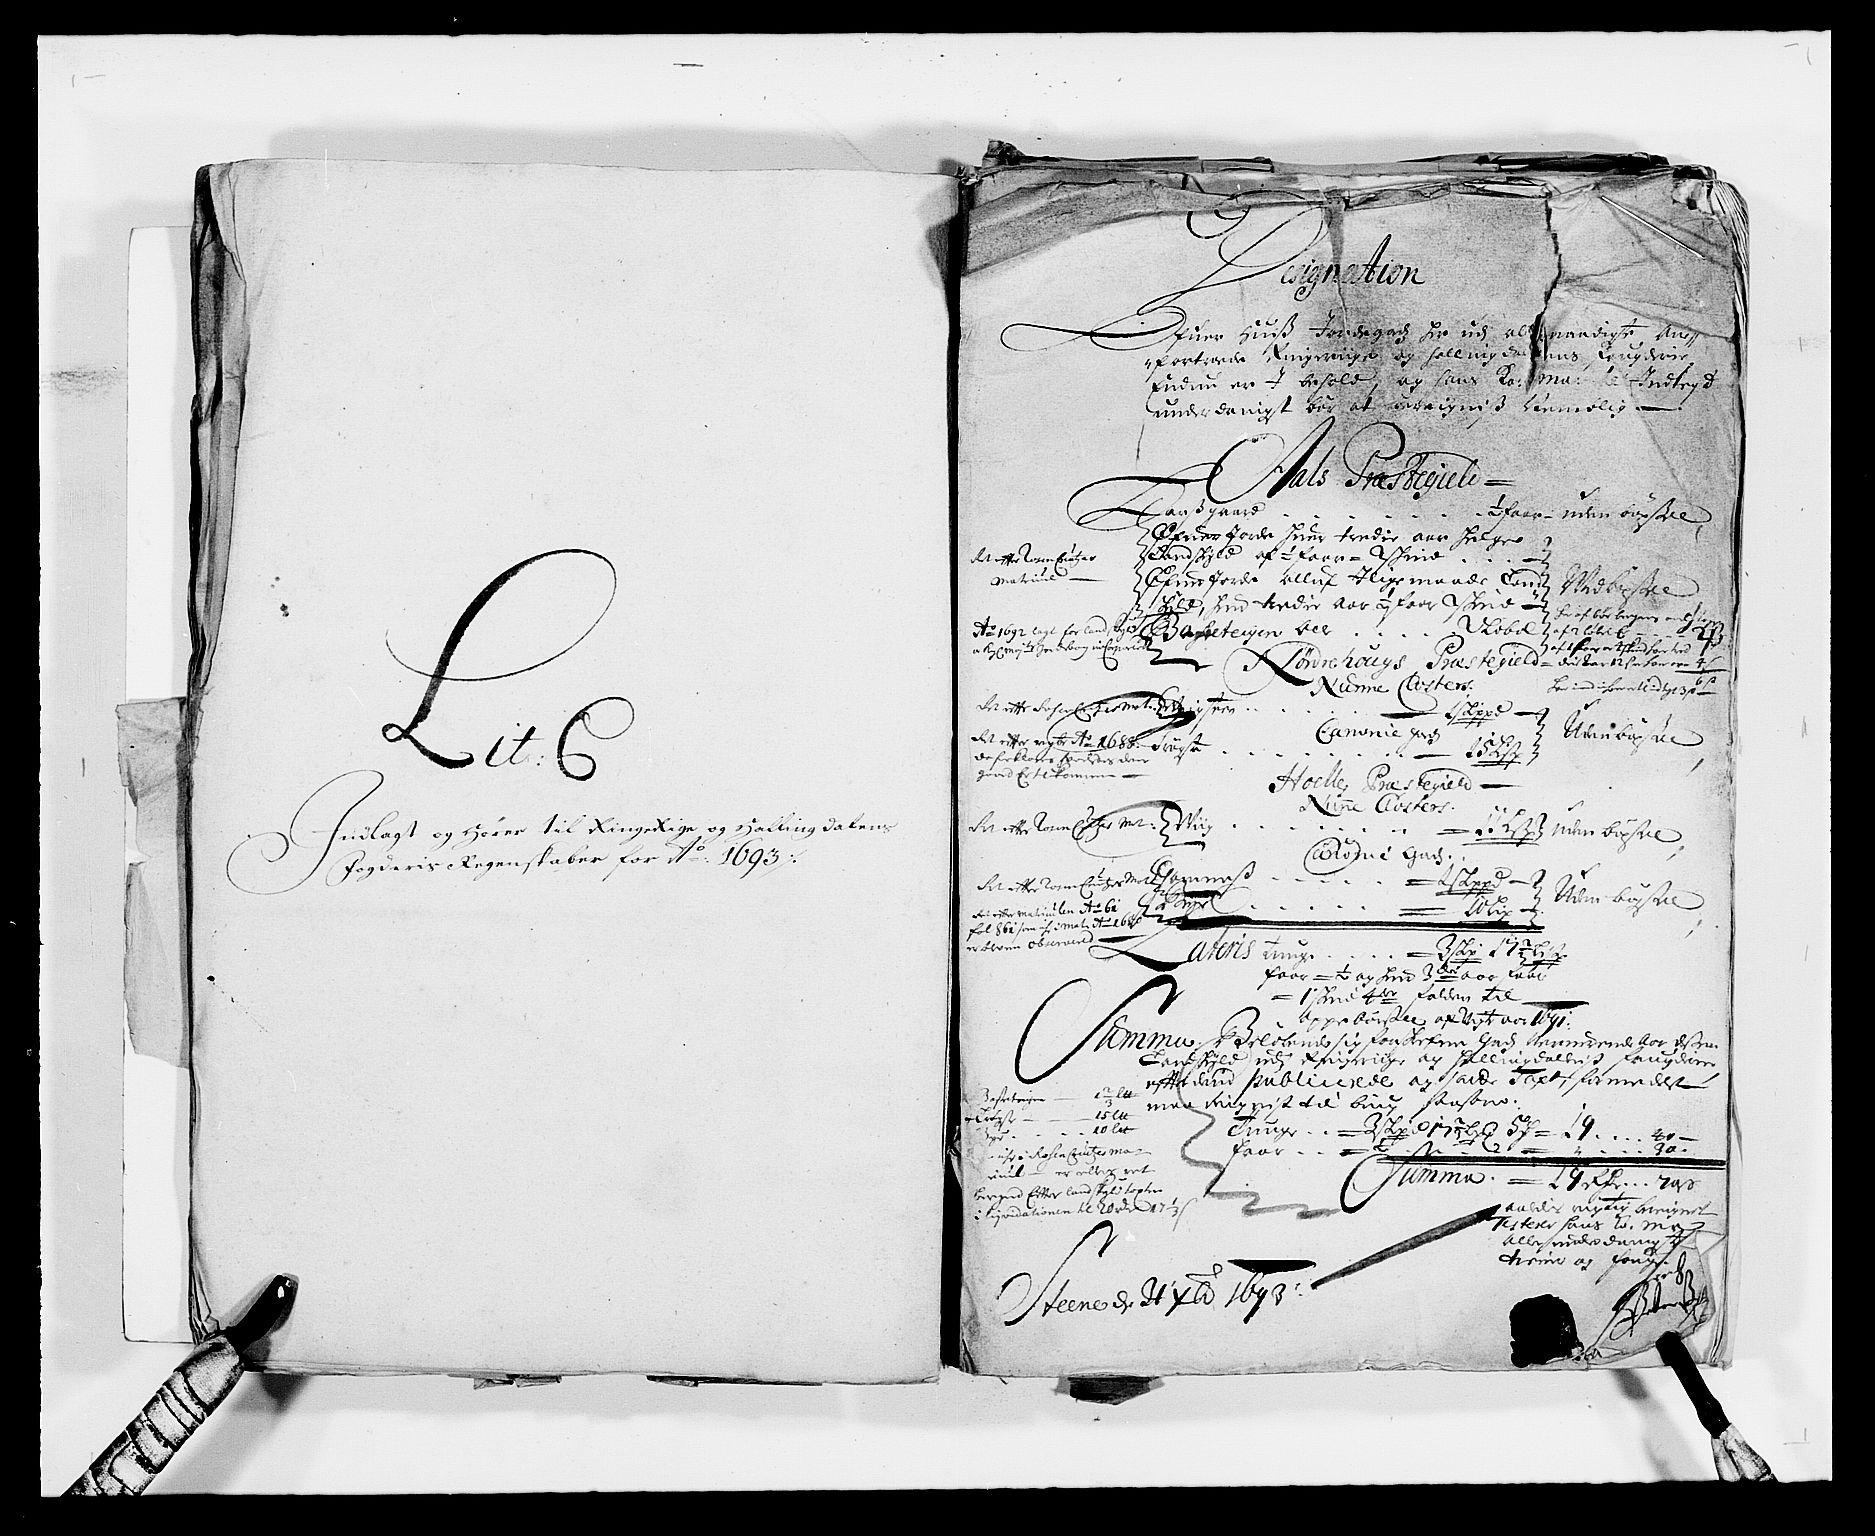 RA, Rentekammeret inntil 1814, Reviderte regnskaper, Fogderegnskap, R21/L1450: Fogderegnskap Ringerike og Hallingdal, 1693, s. 11